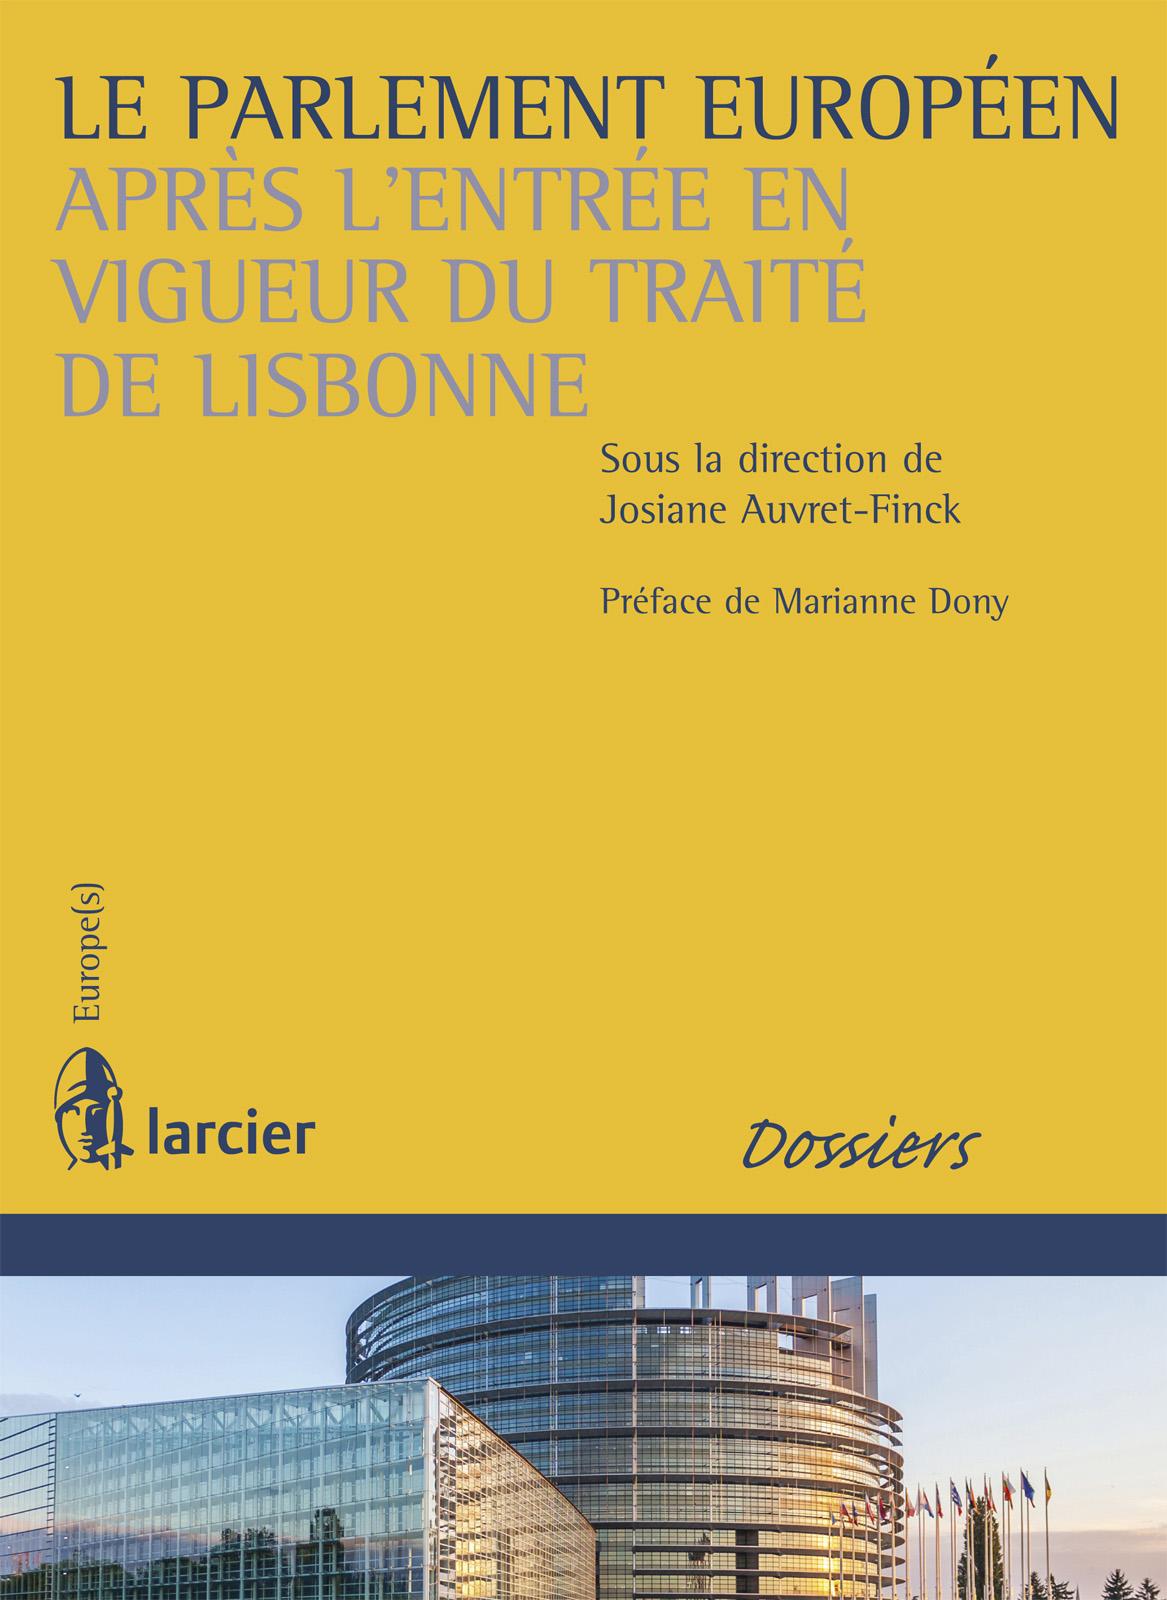 Le Parlement européen après l'entrée en vigueur du traité de Lisbonne